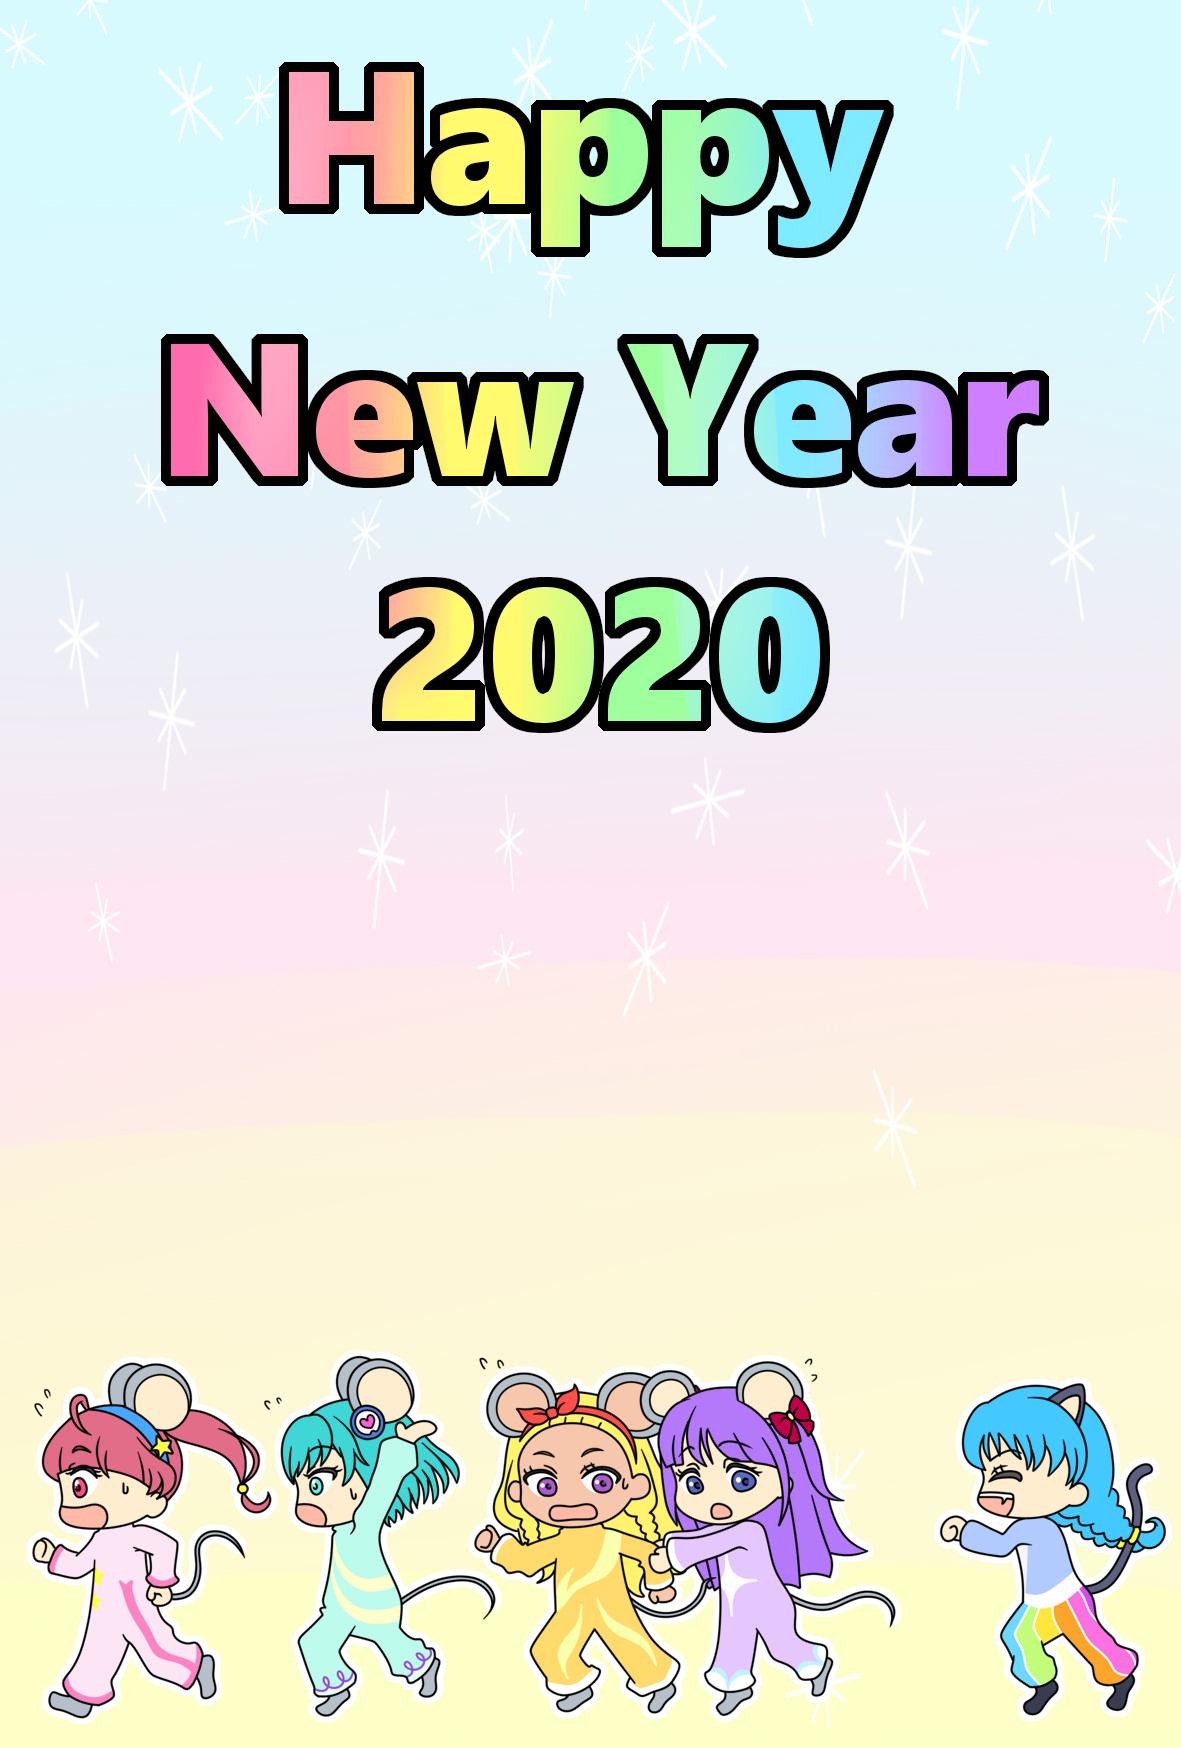 スター☆トゥインクルプリキュア 年賀状 2020年 無料テンプレート 縦向き